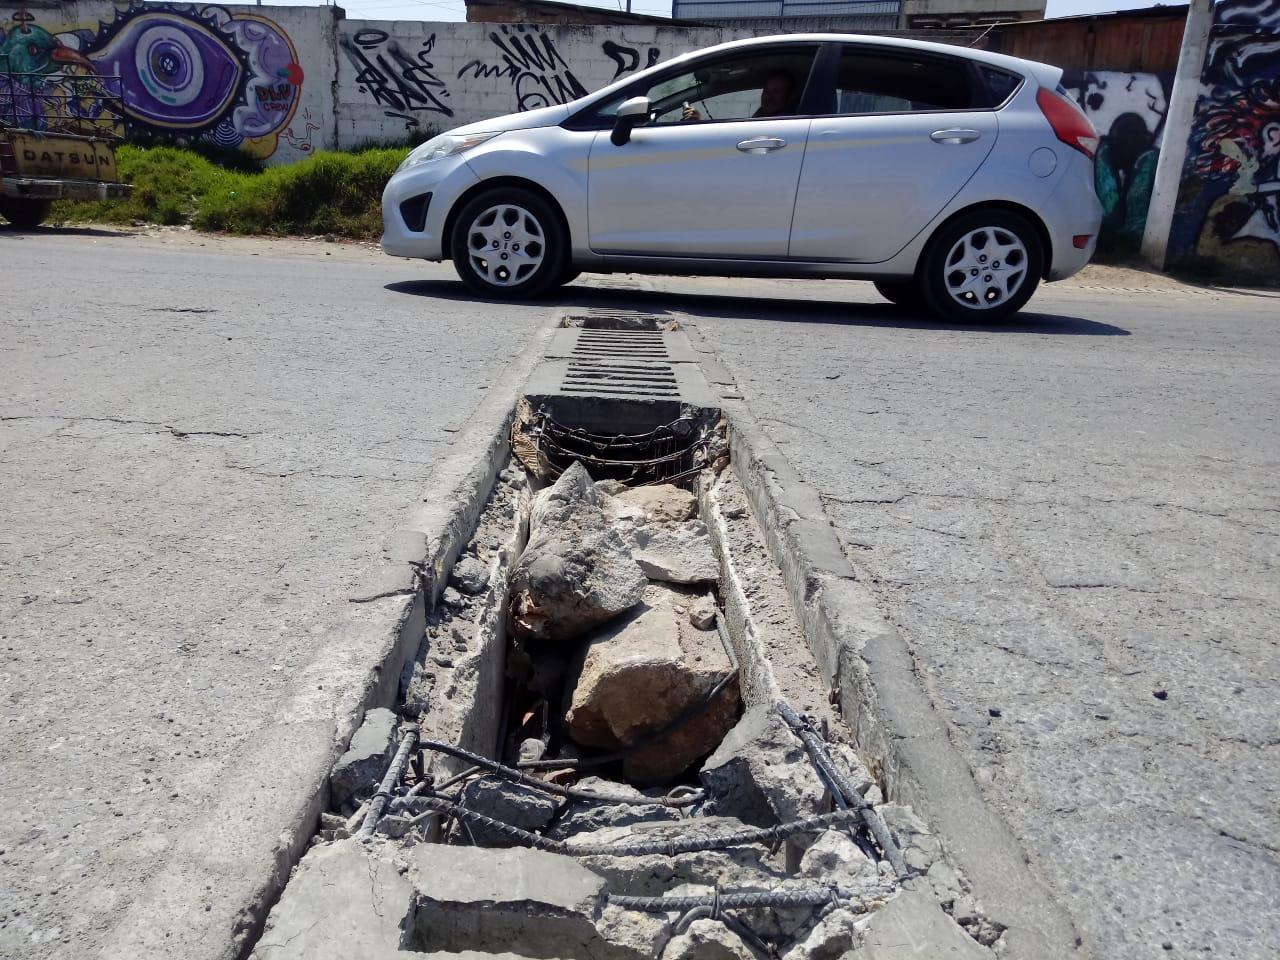 Empresa constructora tendrá que reparar rejilla del puente Los Batanes